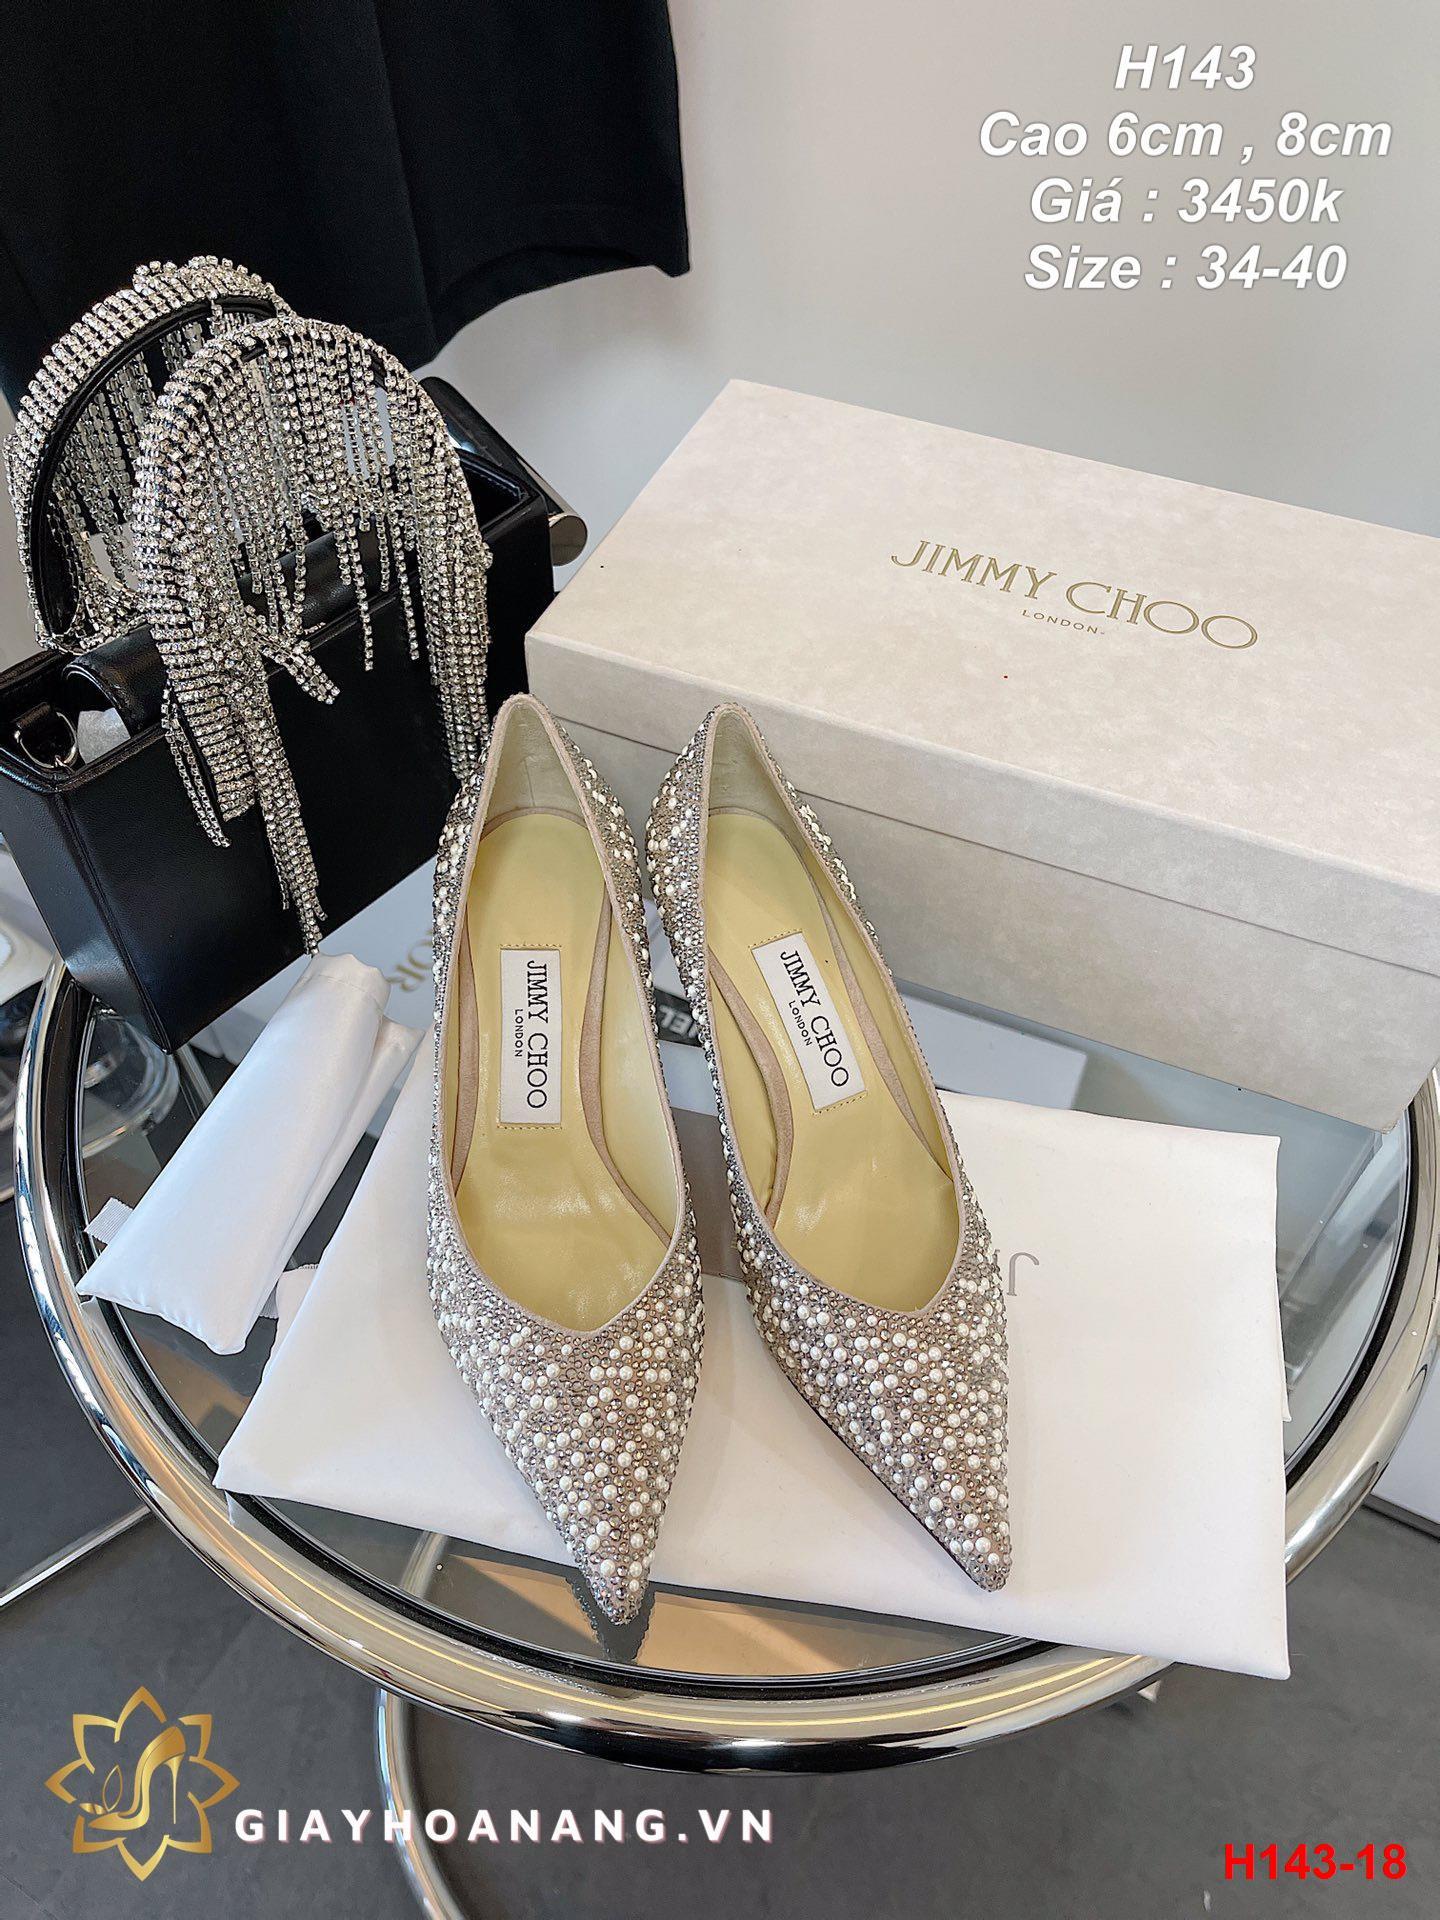 H143-18 Jimmy Choo giày cao 6cm , 8cm siêu cấp